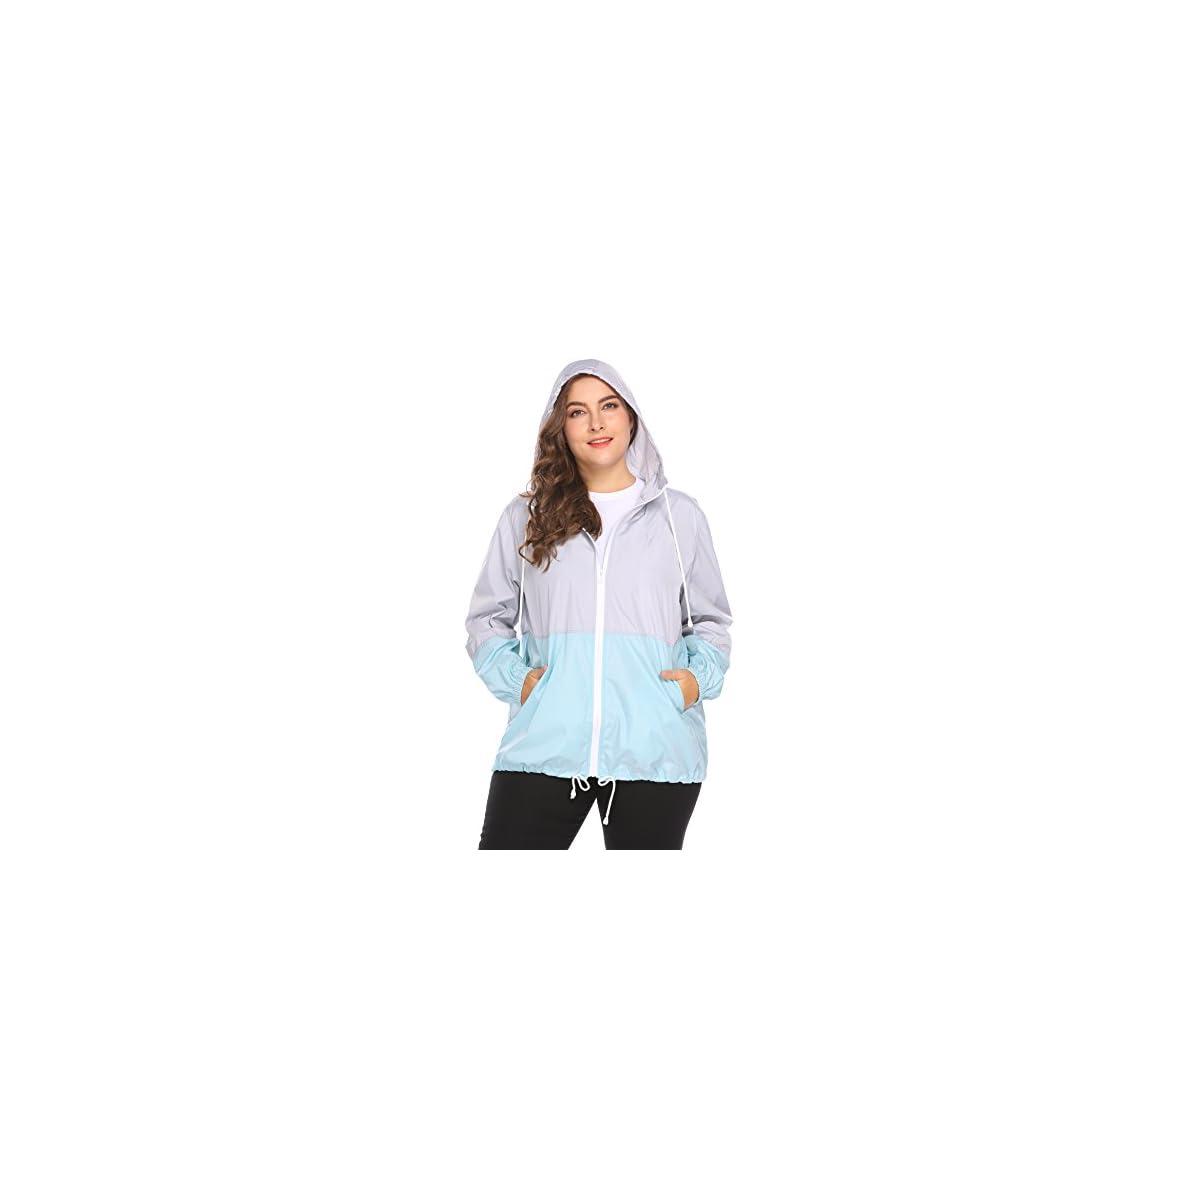 fefe70cd1ec PuertaPuerta - IN VOLAND Women s Plus Size Rain Jacket Anoraks Lightweight  Hooded Waterproof Active Outdoor Rain Coat